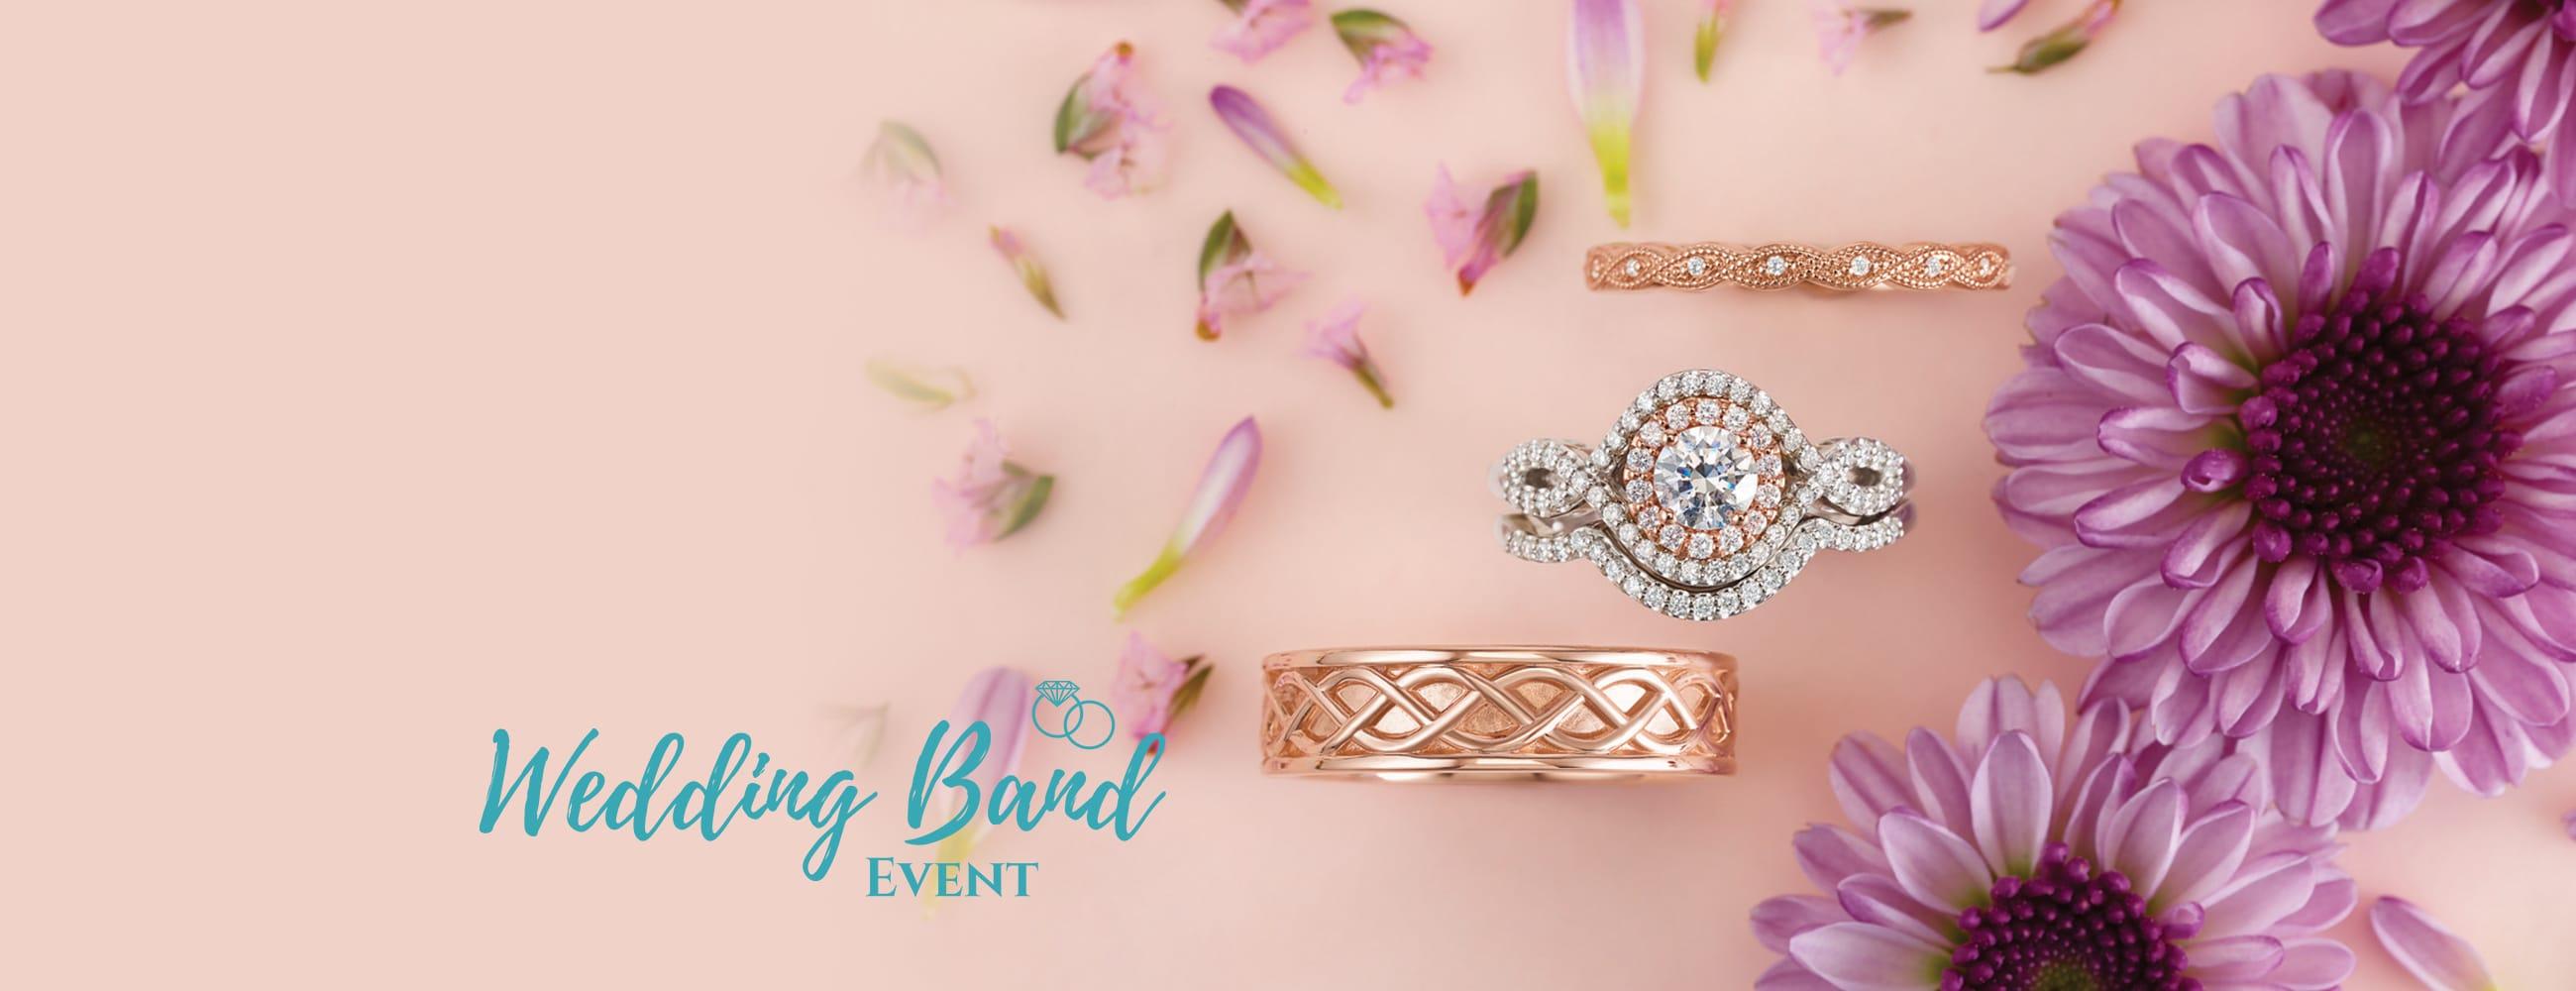 Augusta Wedding Band Event